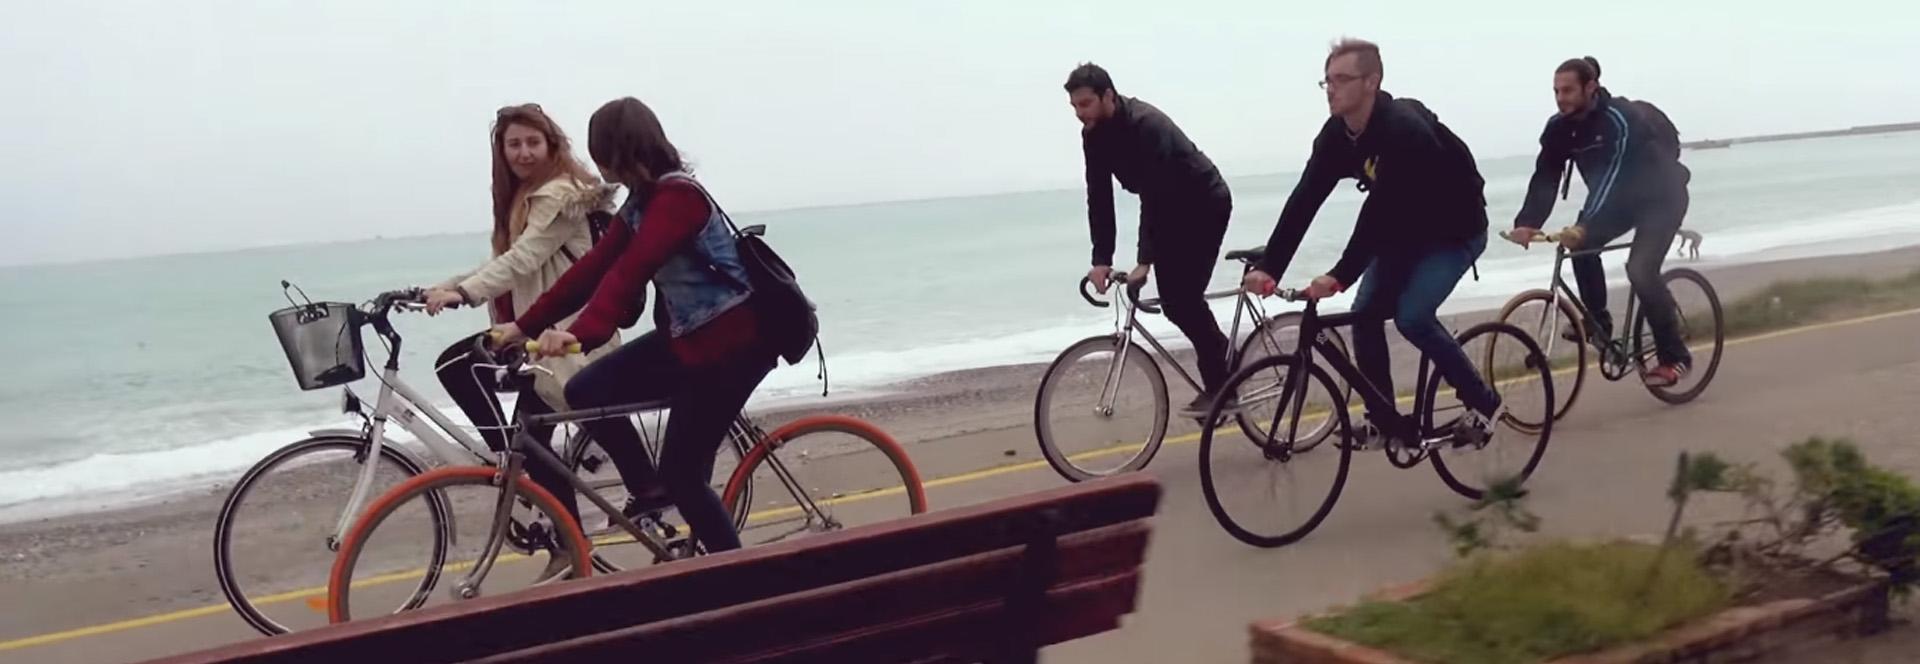 Spinos kalamata bicycle city video